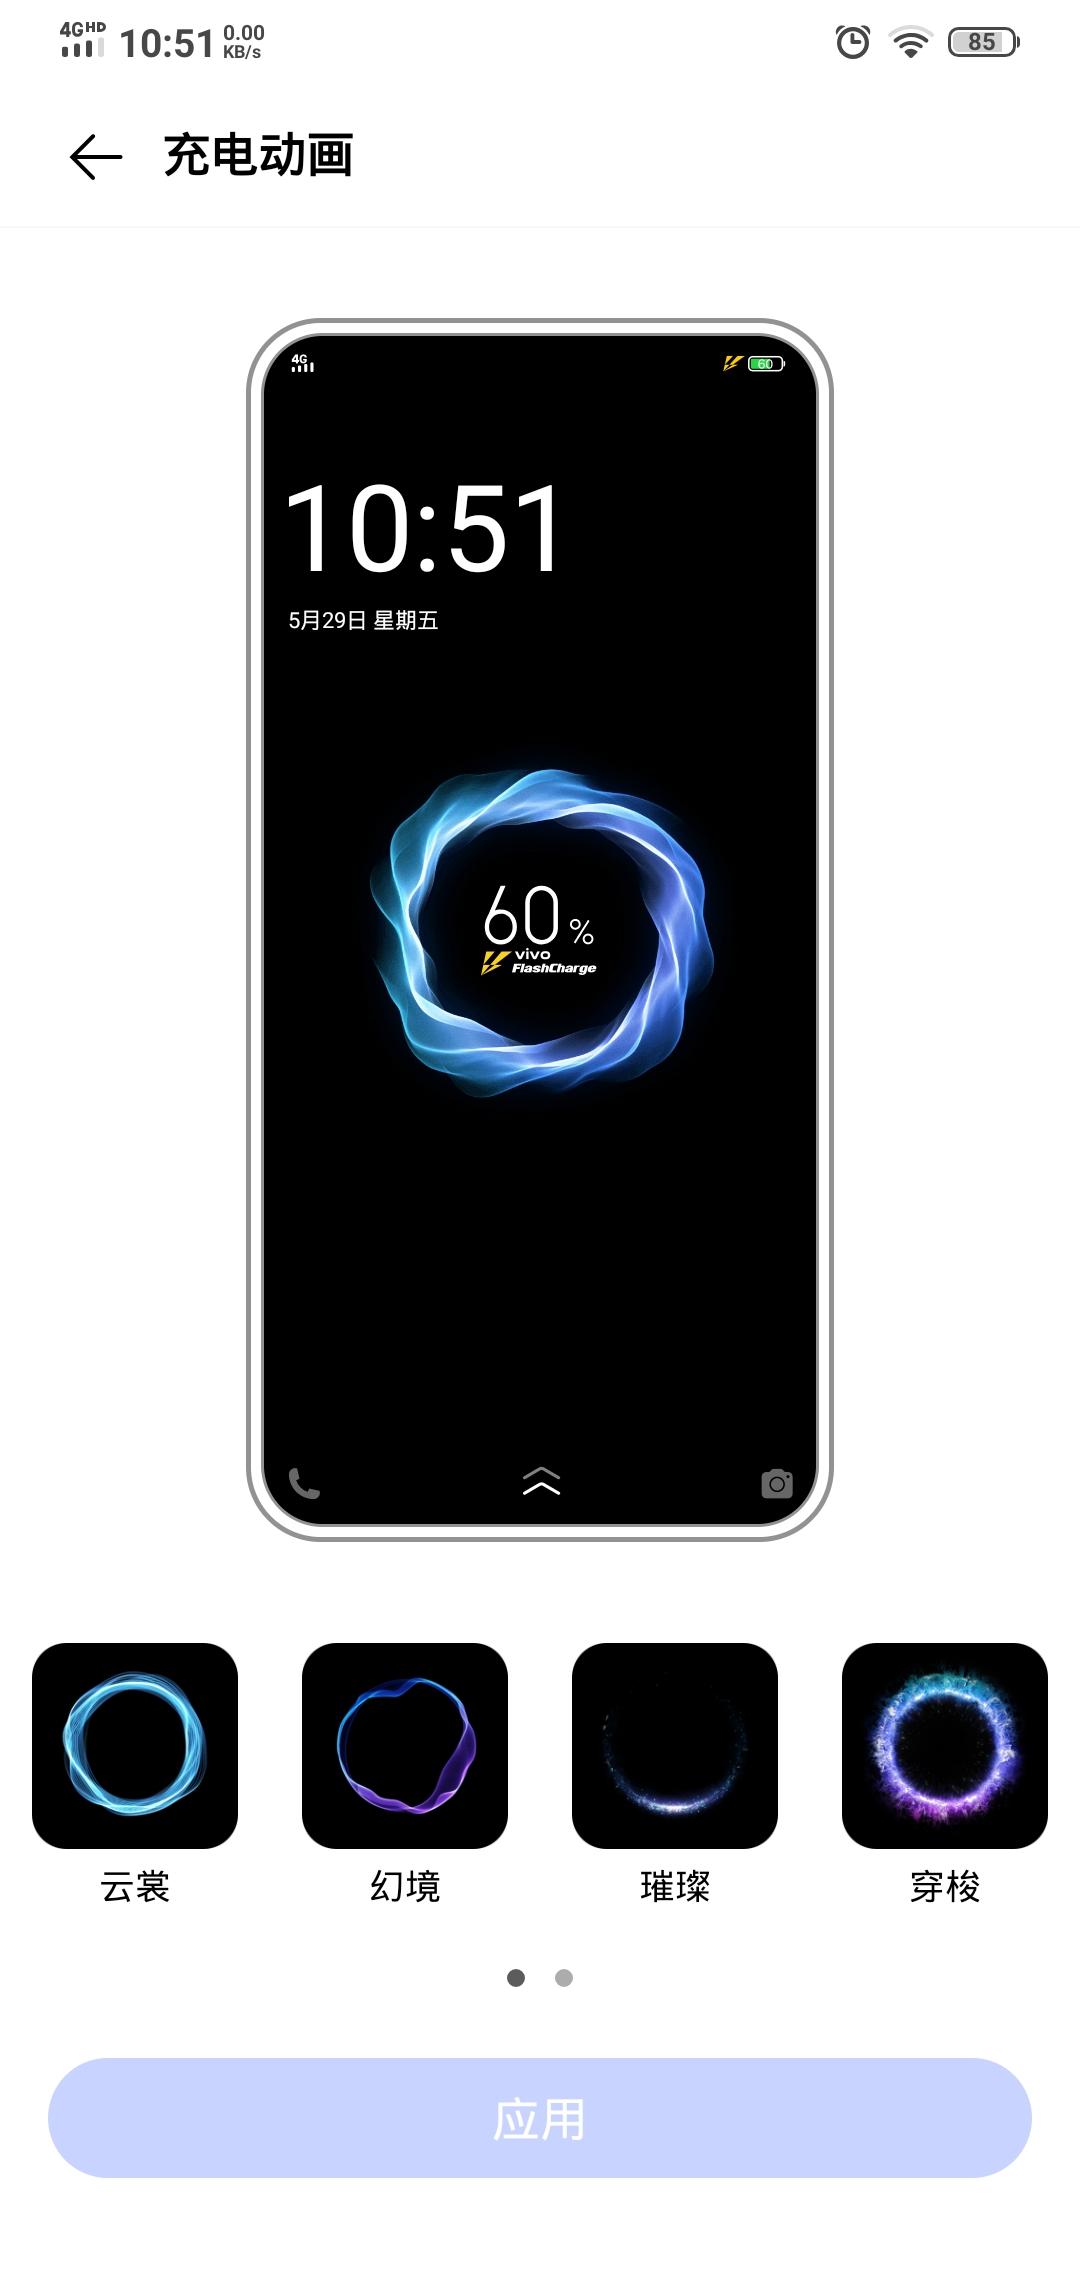 Screenshot_20200529_105131.jpg